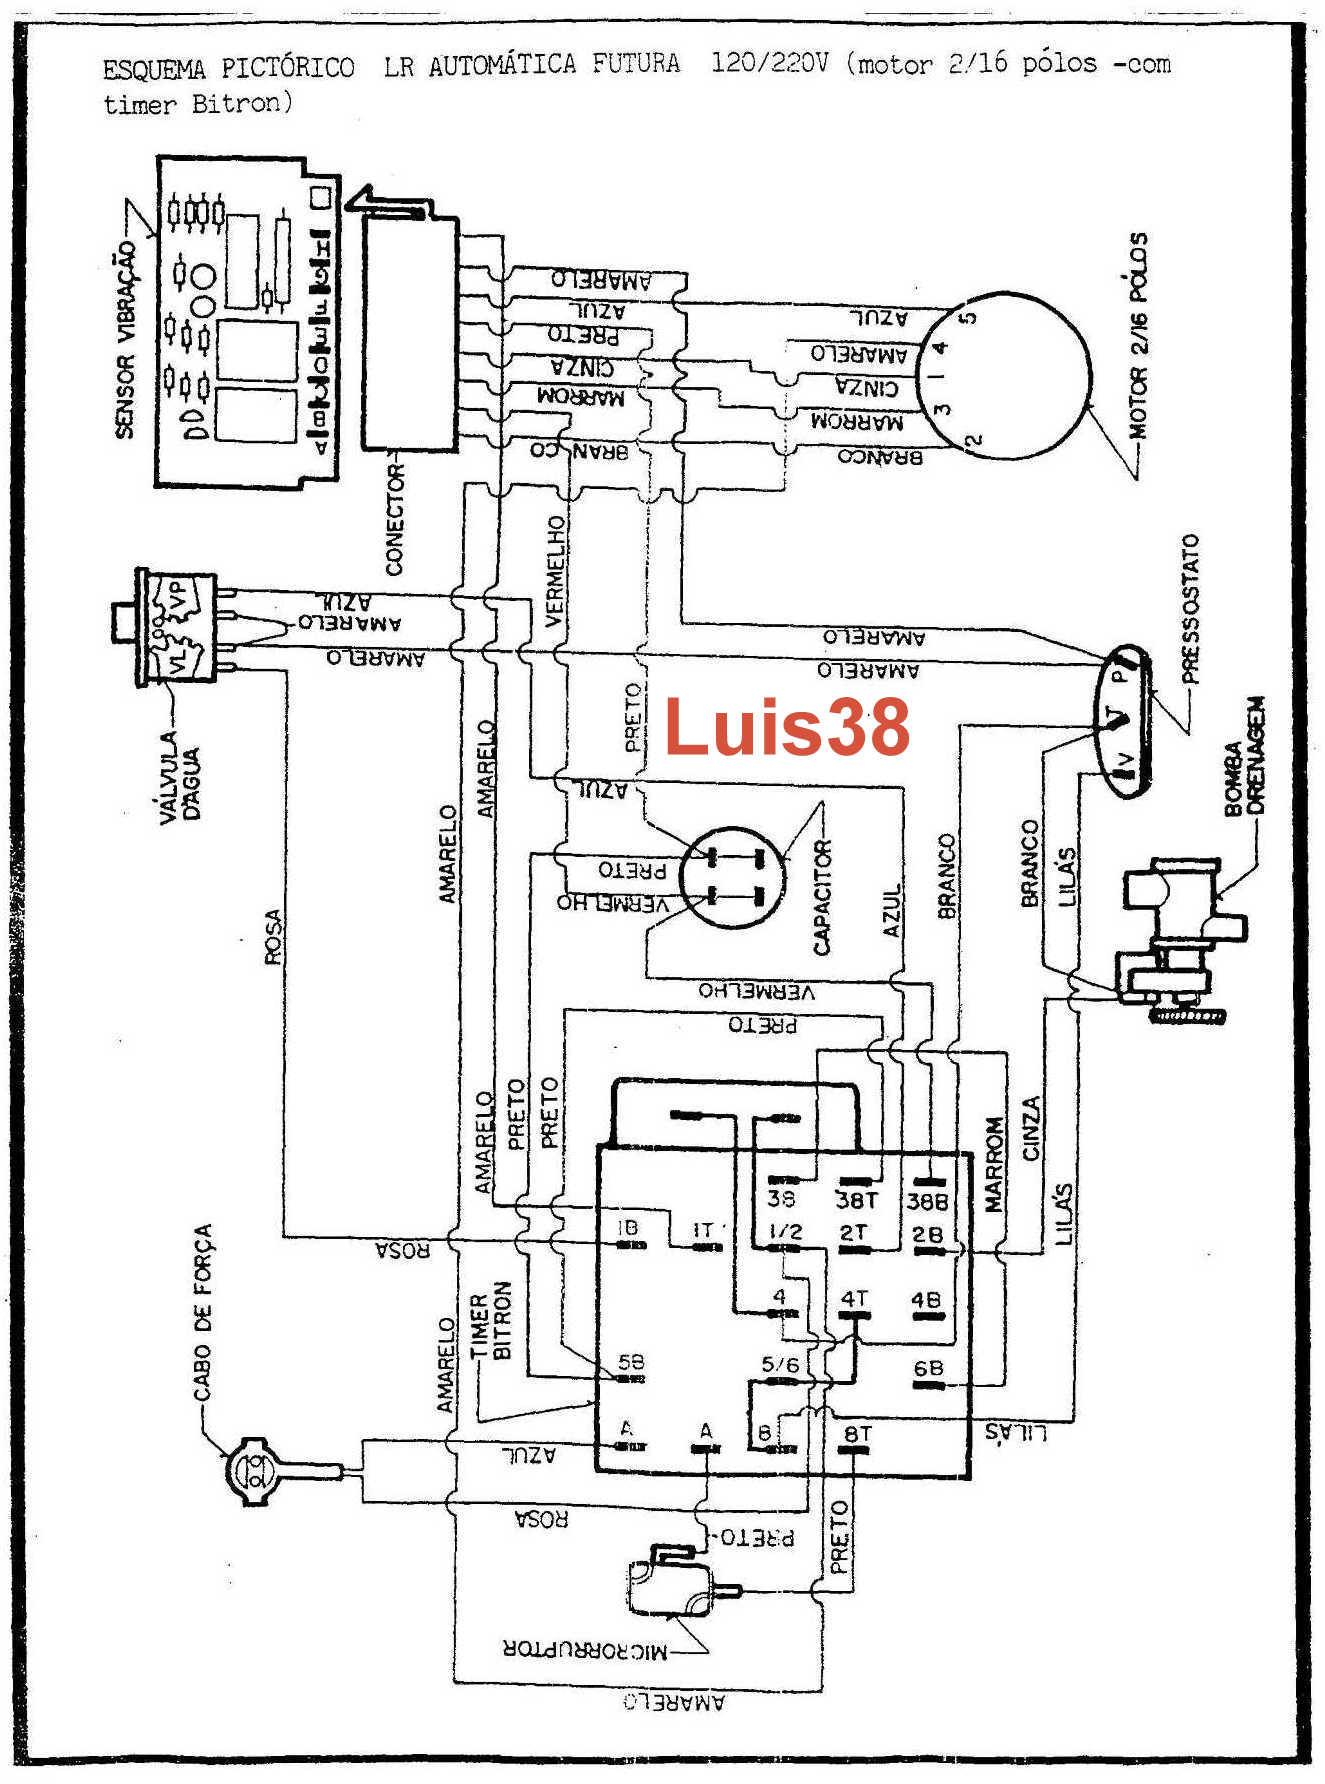 Solucionado: Necesito diagrama del timer ELBI 0700 por